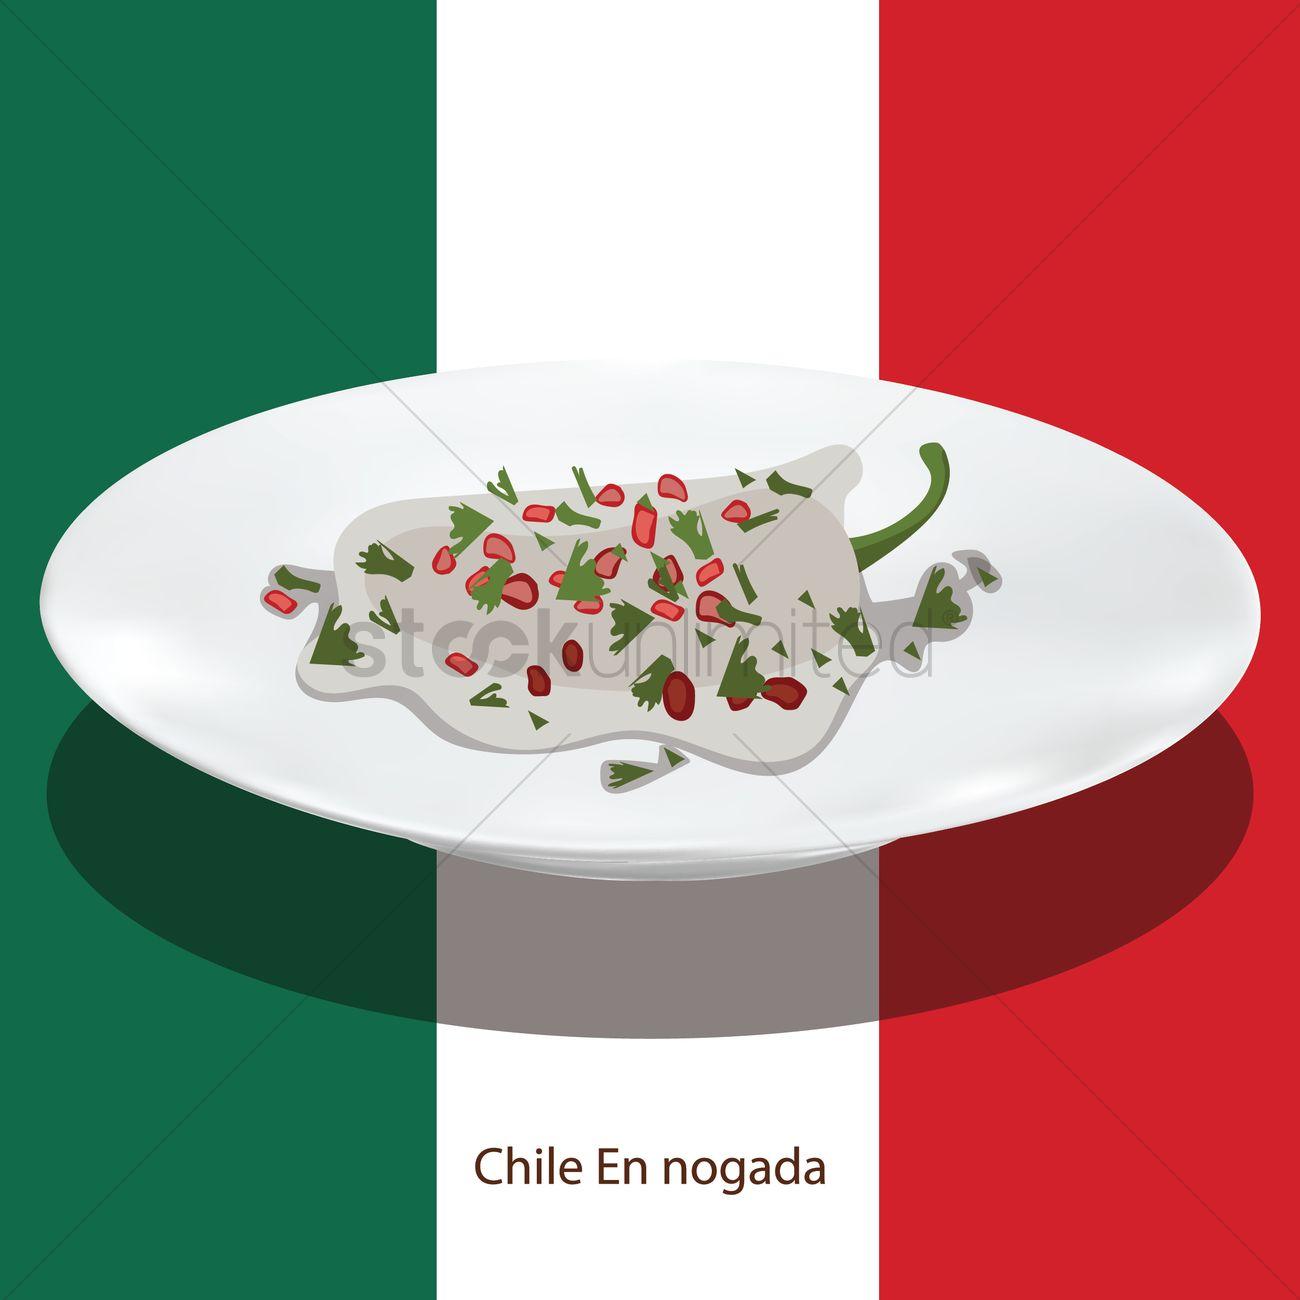 Chile En Nogada Vector Image 1615766 Stockunlimited